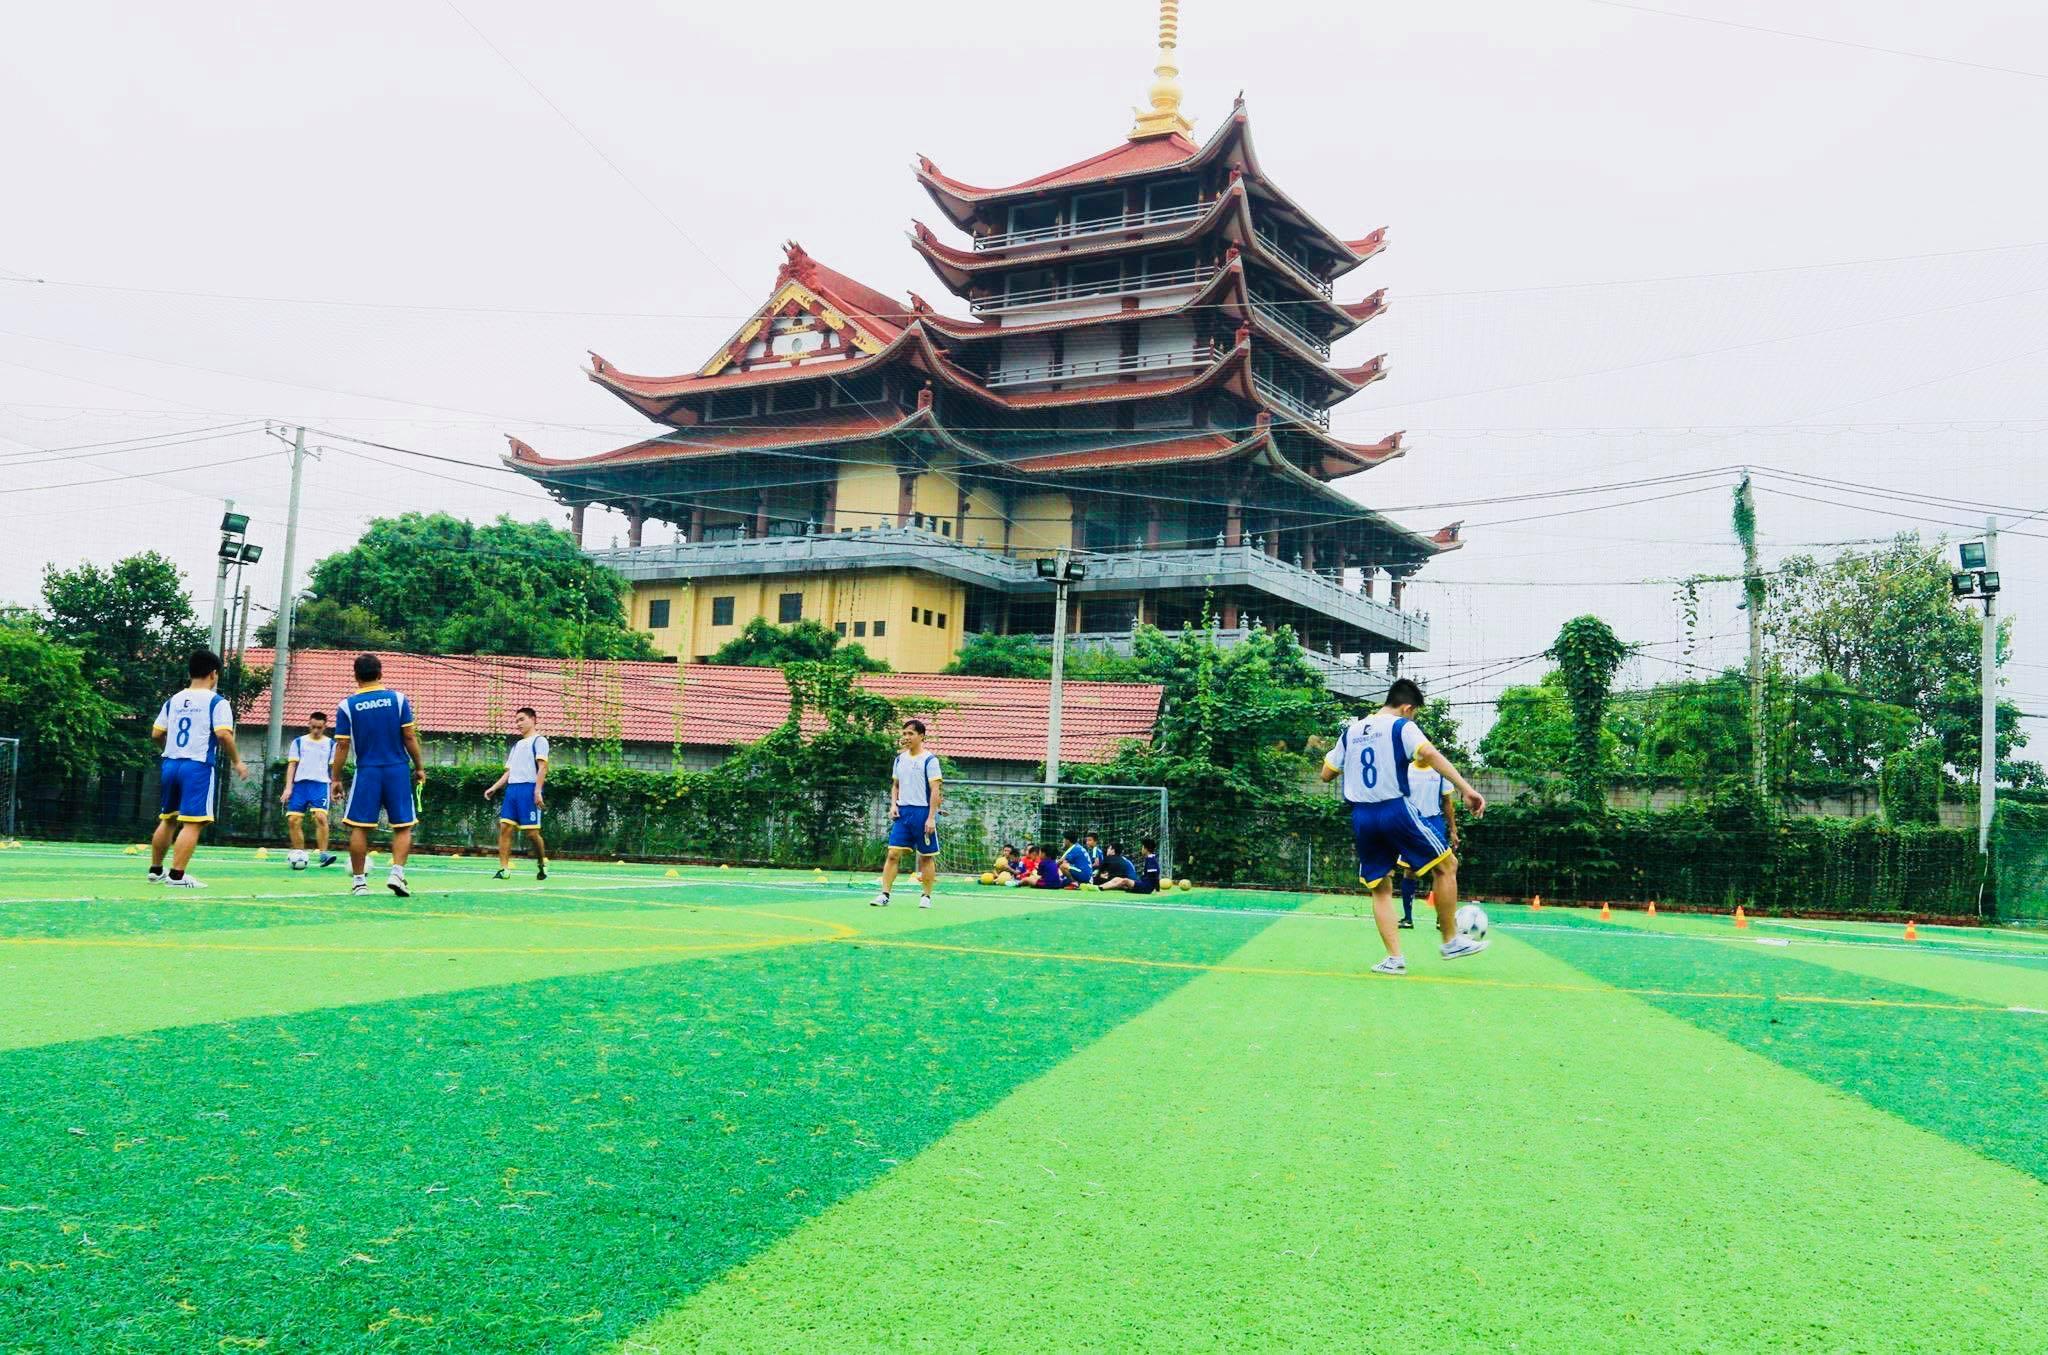 sân bóng đá - lop day bong da cho nguoi lon tuoi di lam 1 - Danh sách các sân bóng đá ở Quận 2